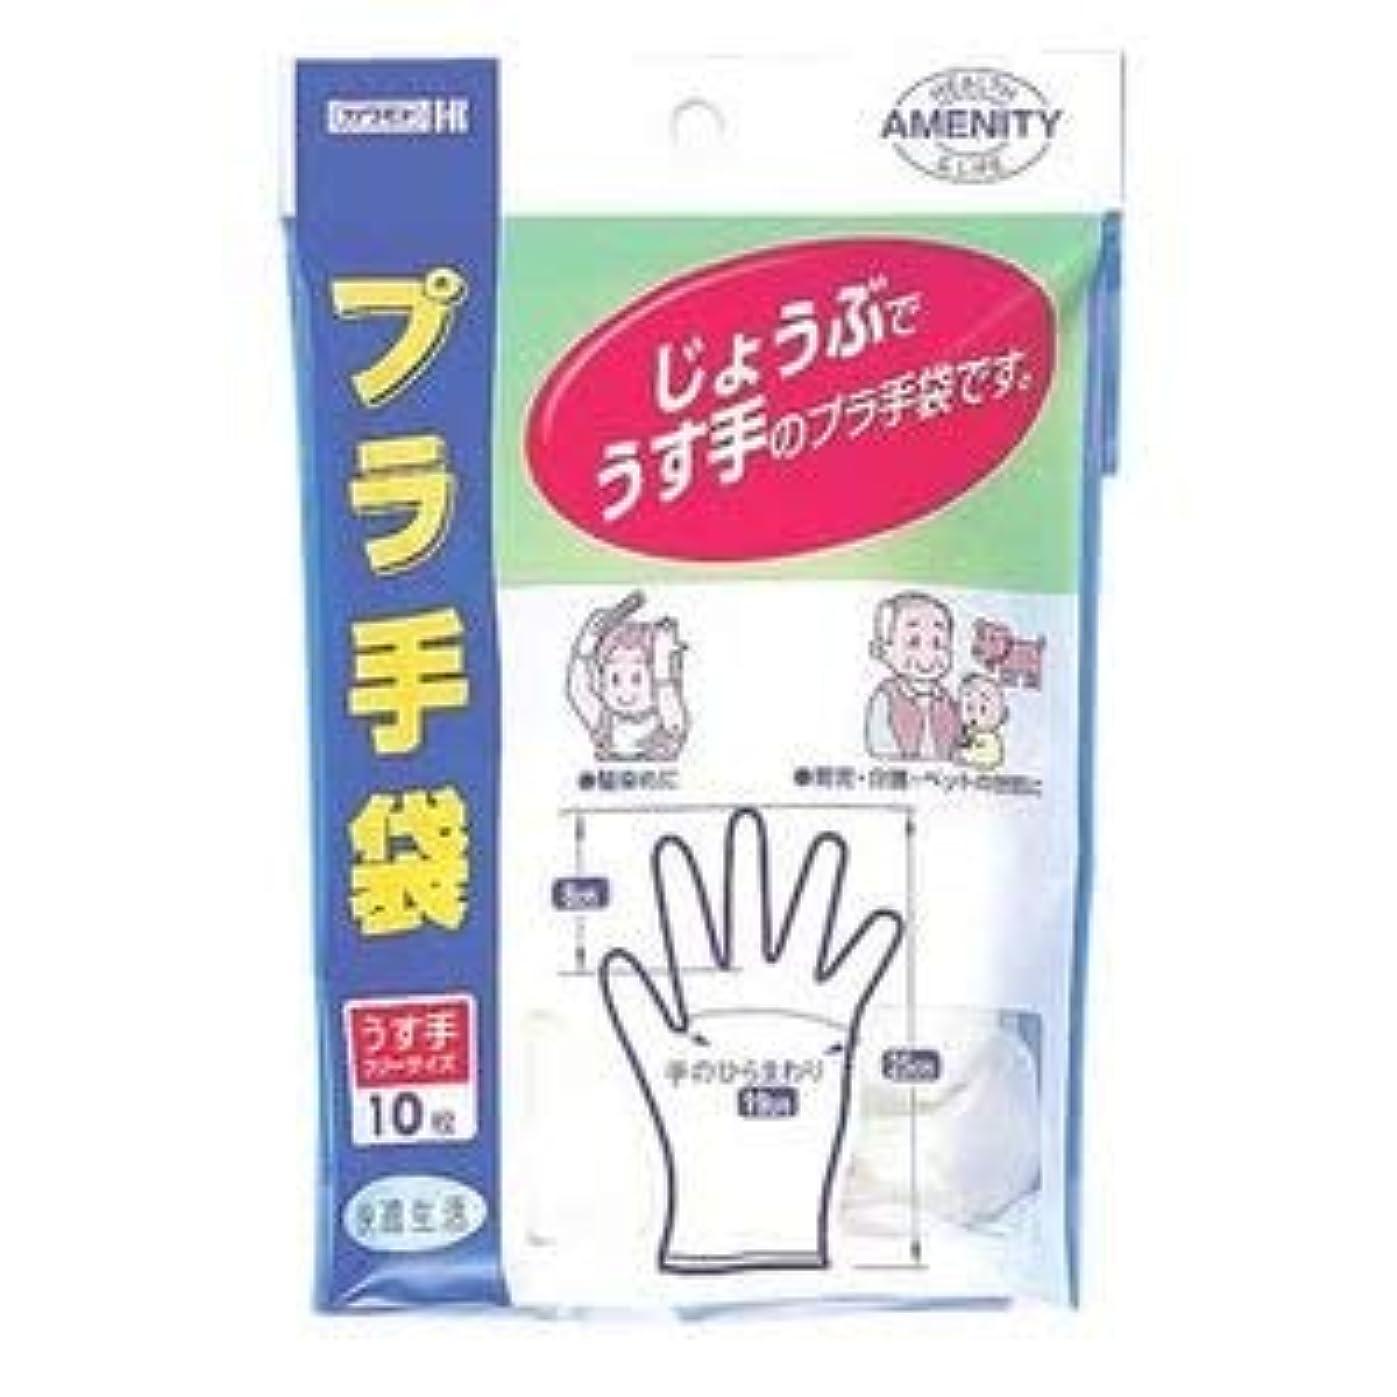 見捨てられた脱臼するうれしいカワモト プラ手袋 10枚 ×3個